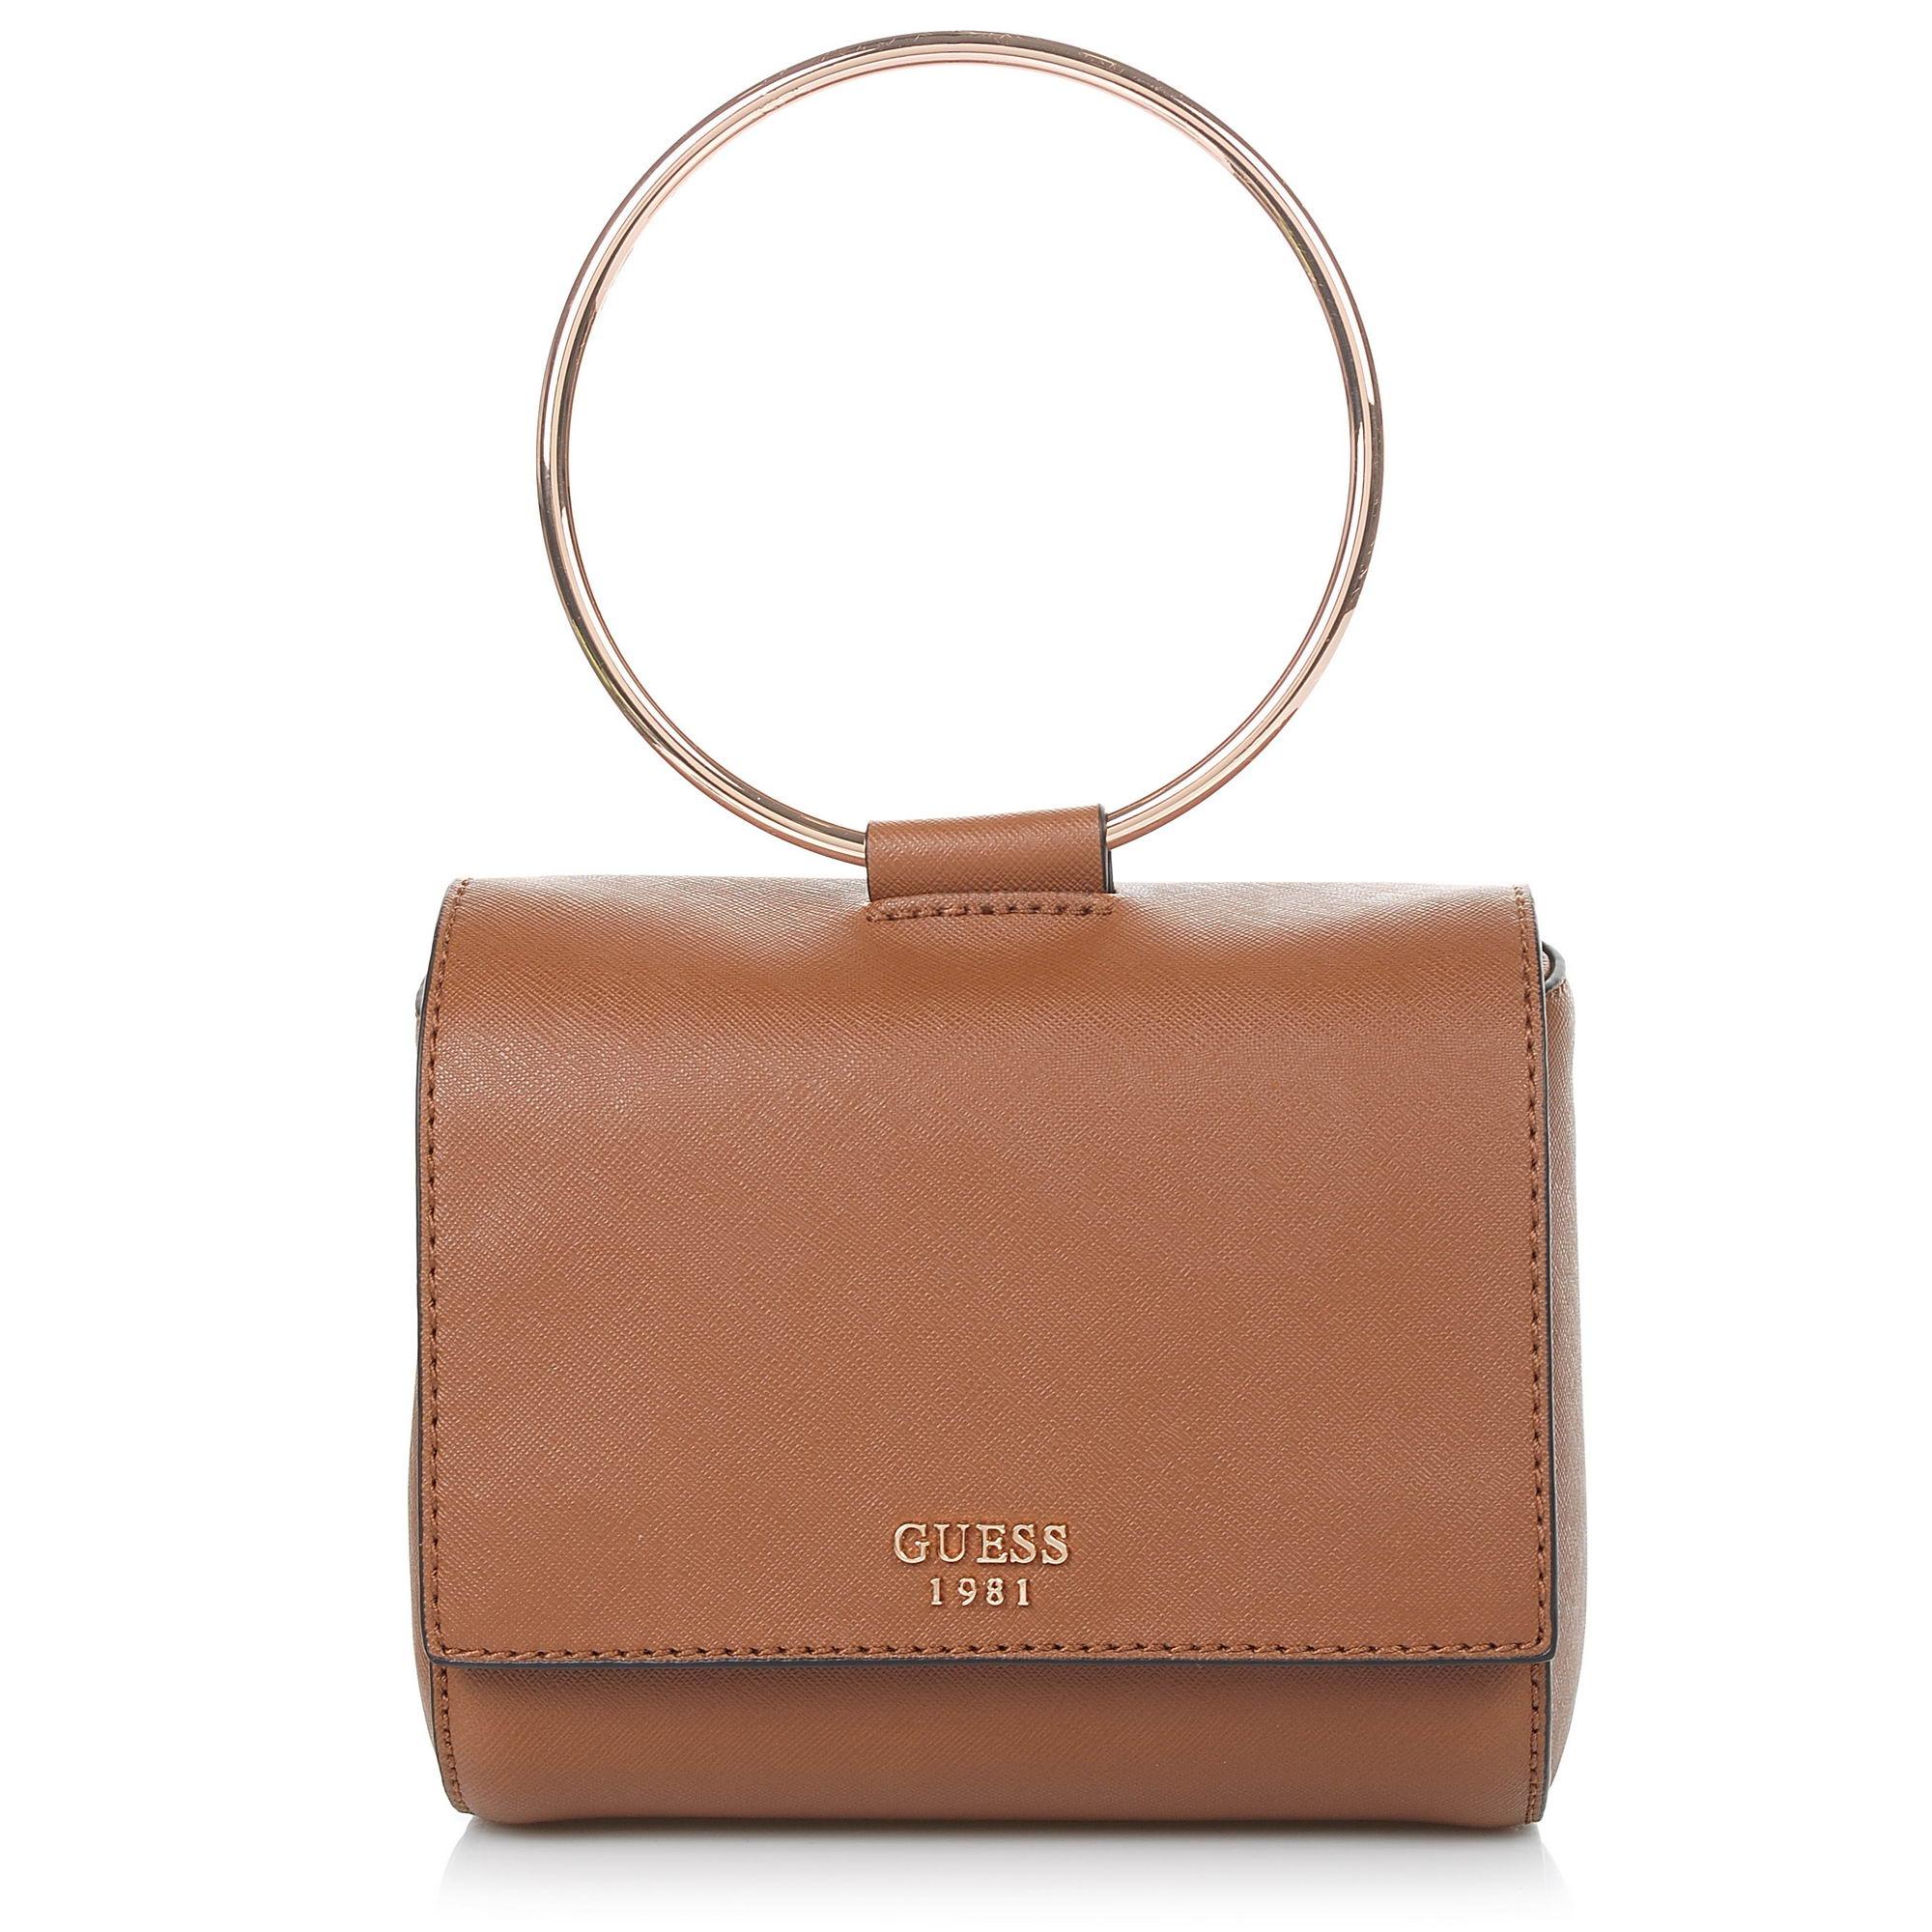 Τσαντάκι Ώμου - Χιαστί Guess Keaton Mini VG695878 γυναικα   γυναικεία τσάντα